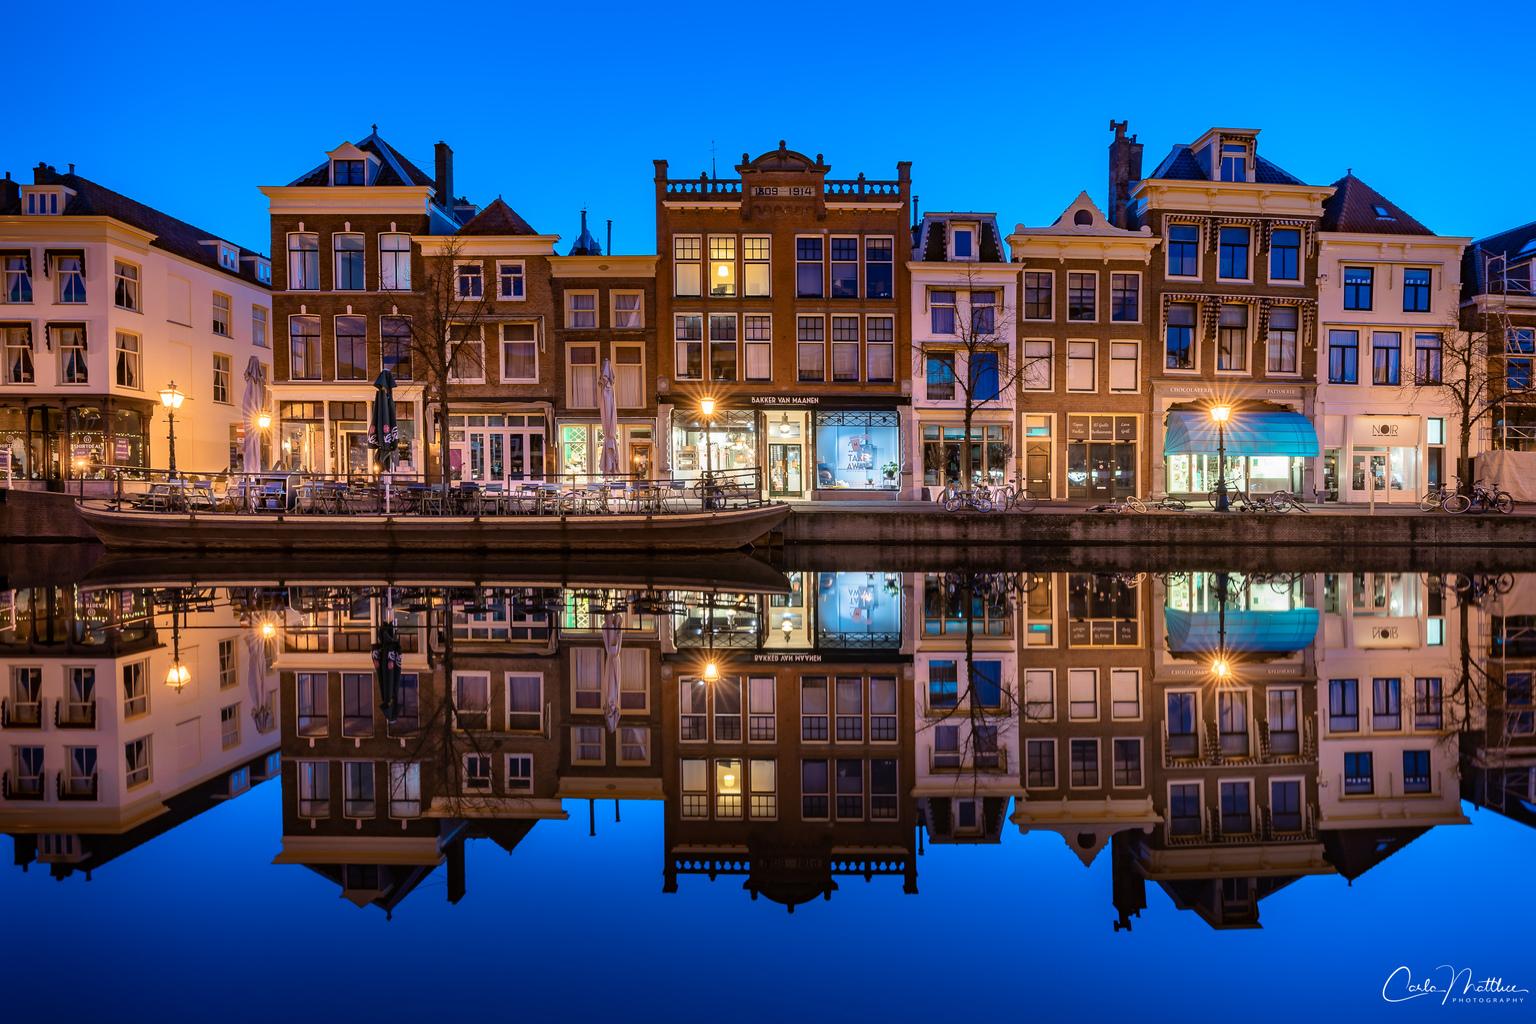 Leiden in Lockdown - Reflecties tijdens het blauwe uur in het mooi binnenstad van Leiden, - foto door carlamatthee op 11-04-2021 - locatie: Nieuwe Rijn, Leiden, Nederland - deze foto bevat: stadsgezicht, blauwe uuur, reflecties, avondfotografie, langesluitertijd, stad, leiden, lockdown, water, lucht, gebouw, blauw, venster, azuur, meer, schemer, brug, woongebied